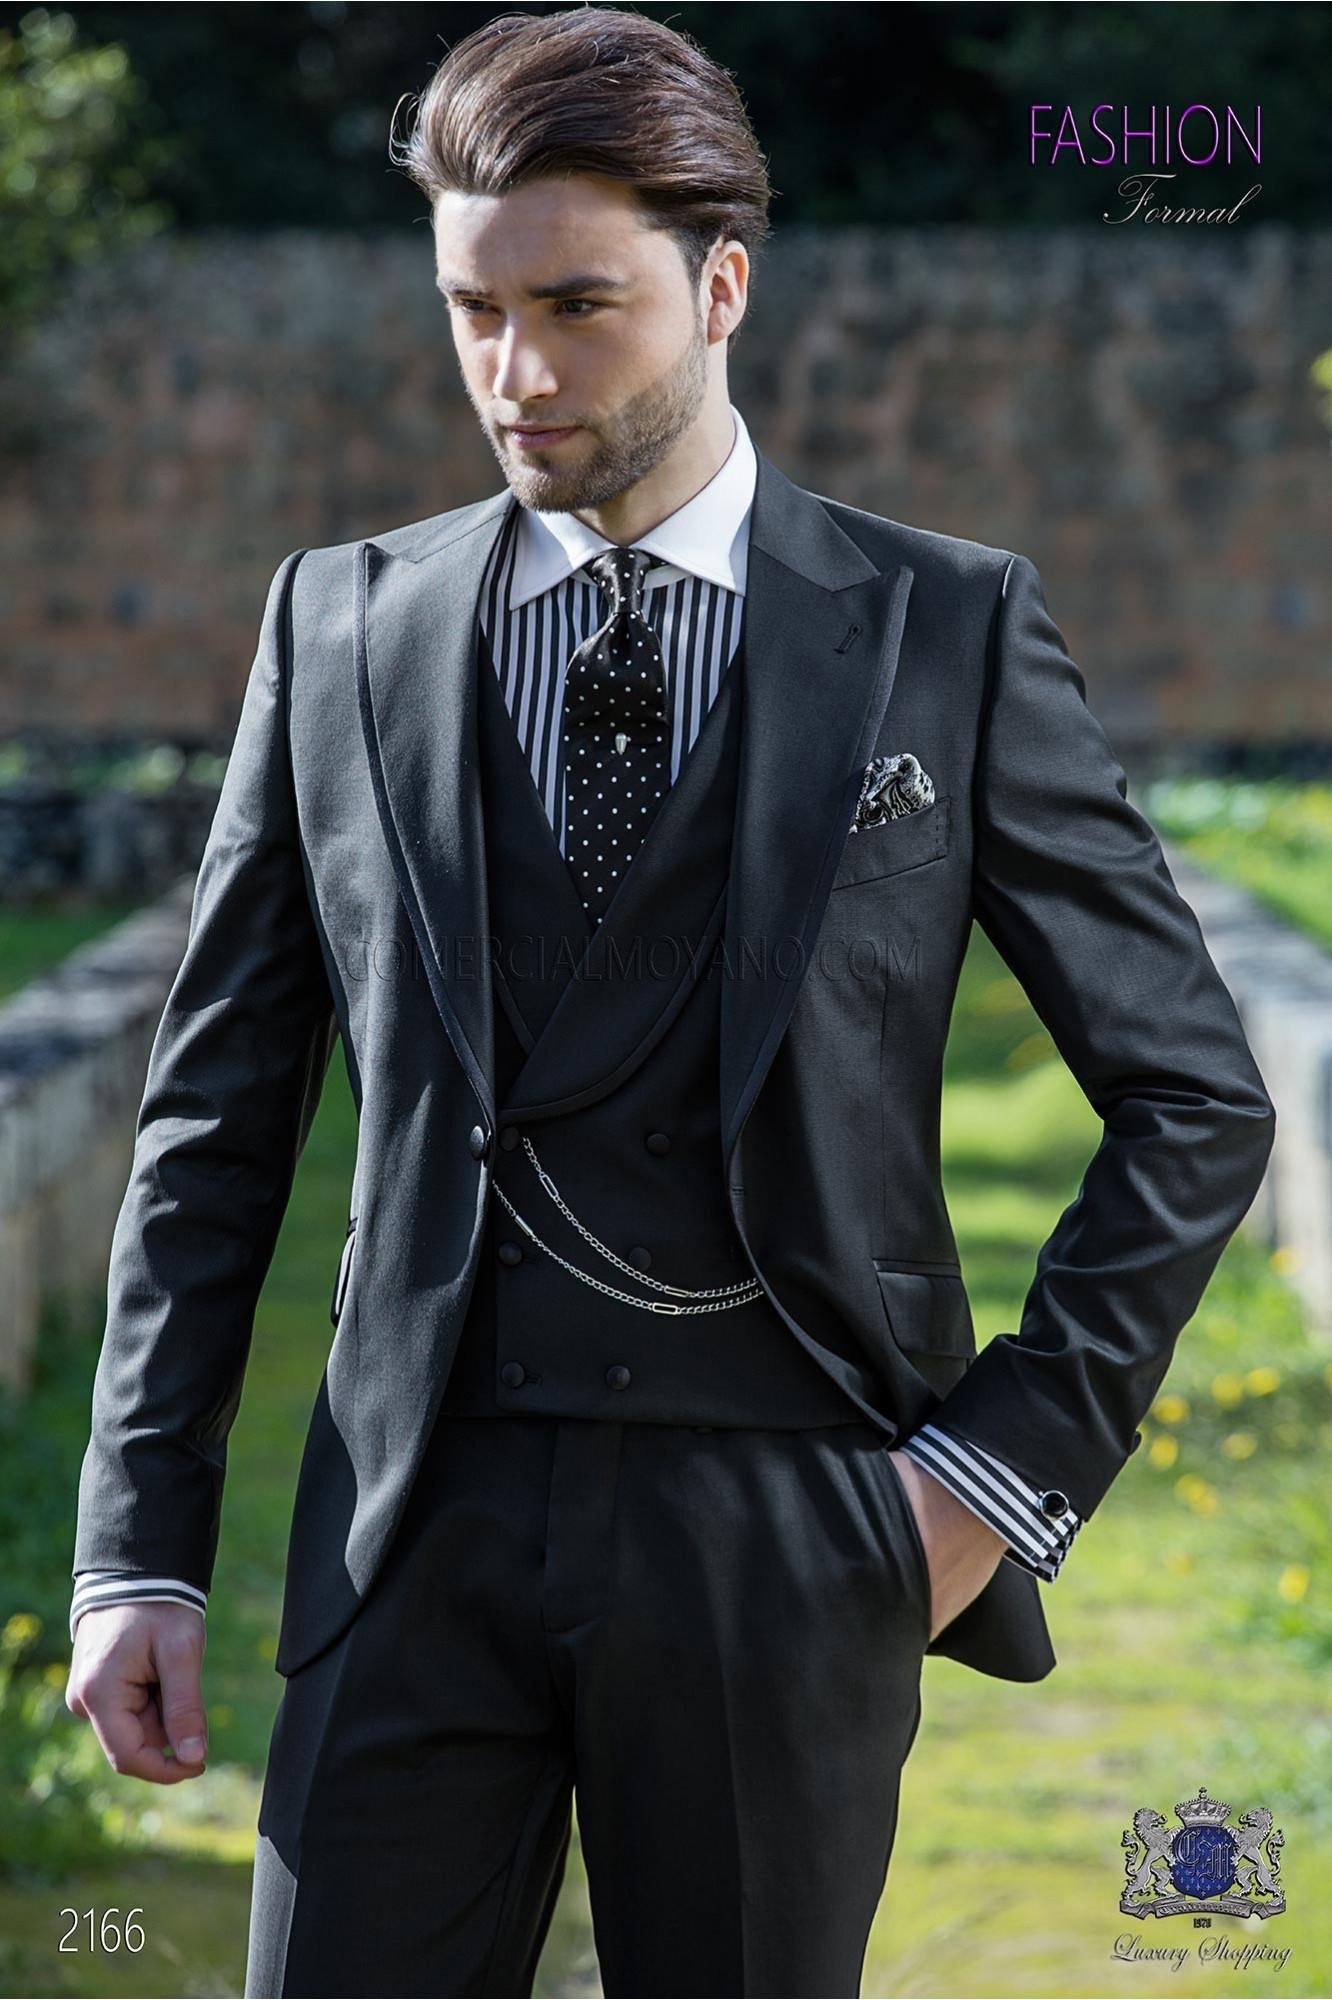 Traje italiano moderno negro fresco lana